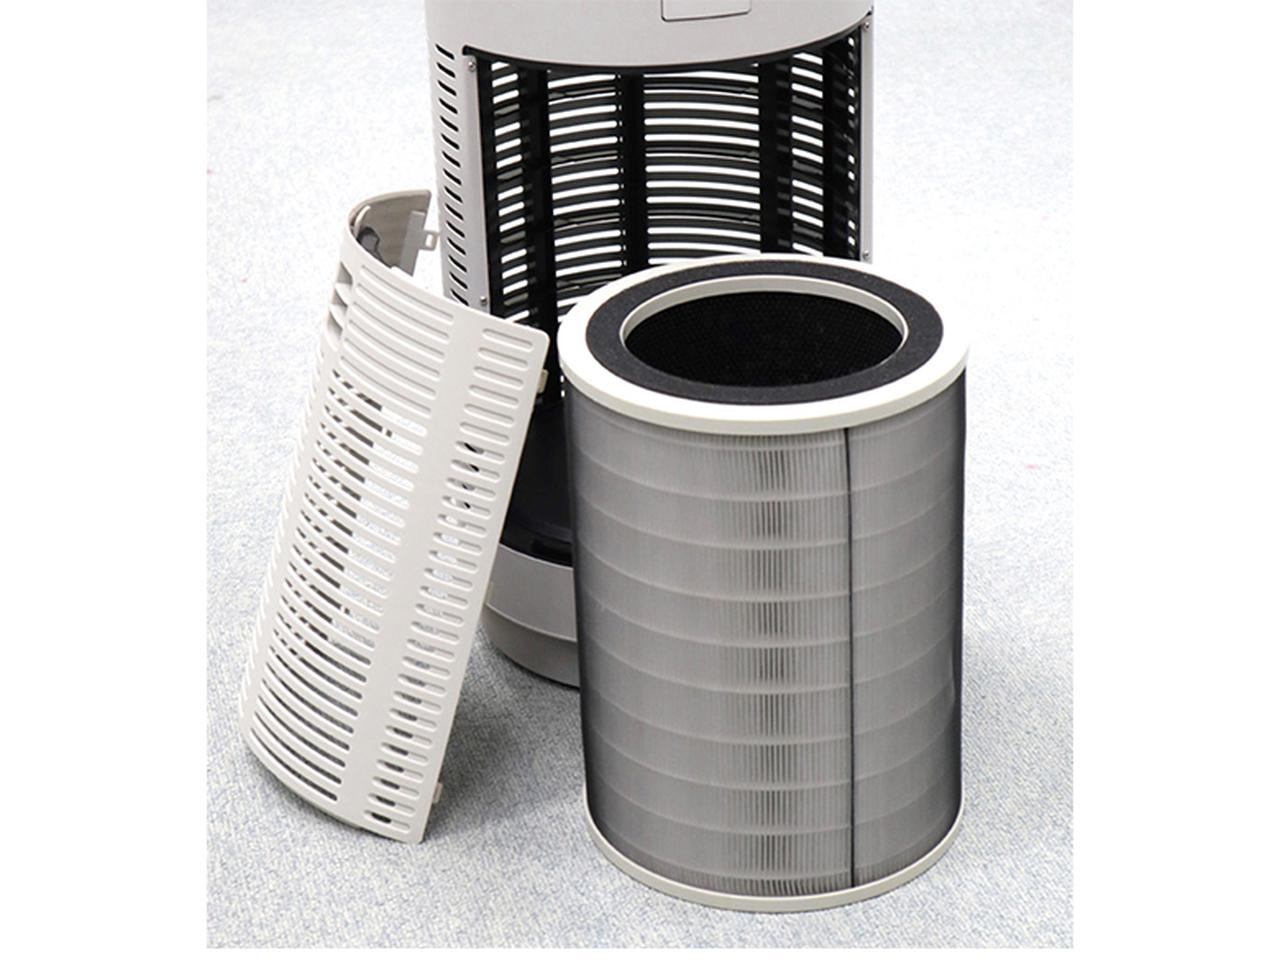 画像: 三つの異なるフィルターを一体にした筒型フィルター。集塵部分には、0.09マイクロメートルの粒子までキャッチできるHEPAフィルターを搭載。活性炭フィルターは、吸着した菌や汚れを光で分解する。【AP-C320シリーズ用フィルター】交換期間:約1年/実売価格例:7830円